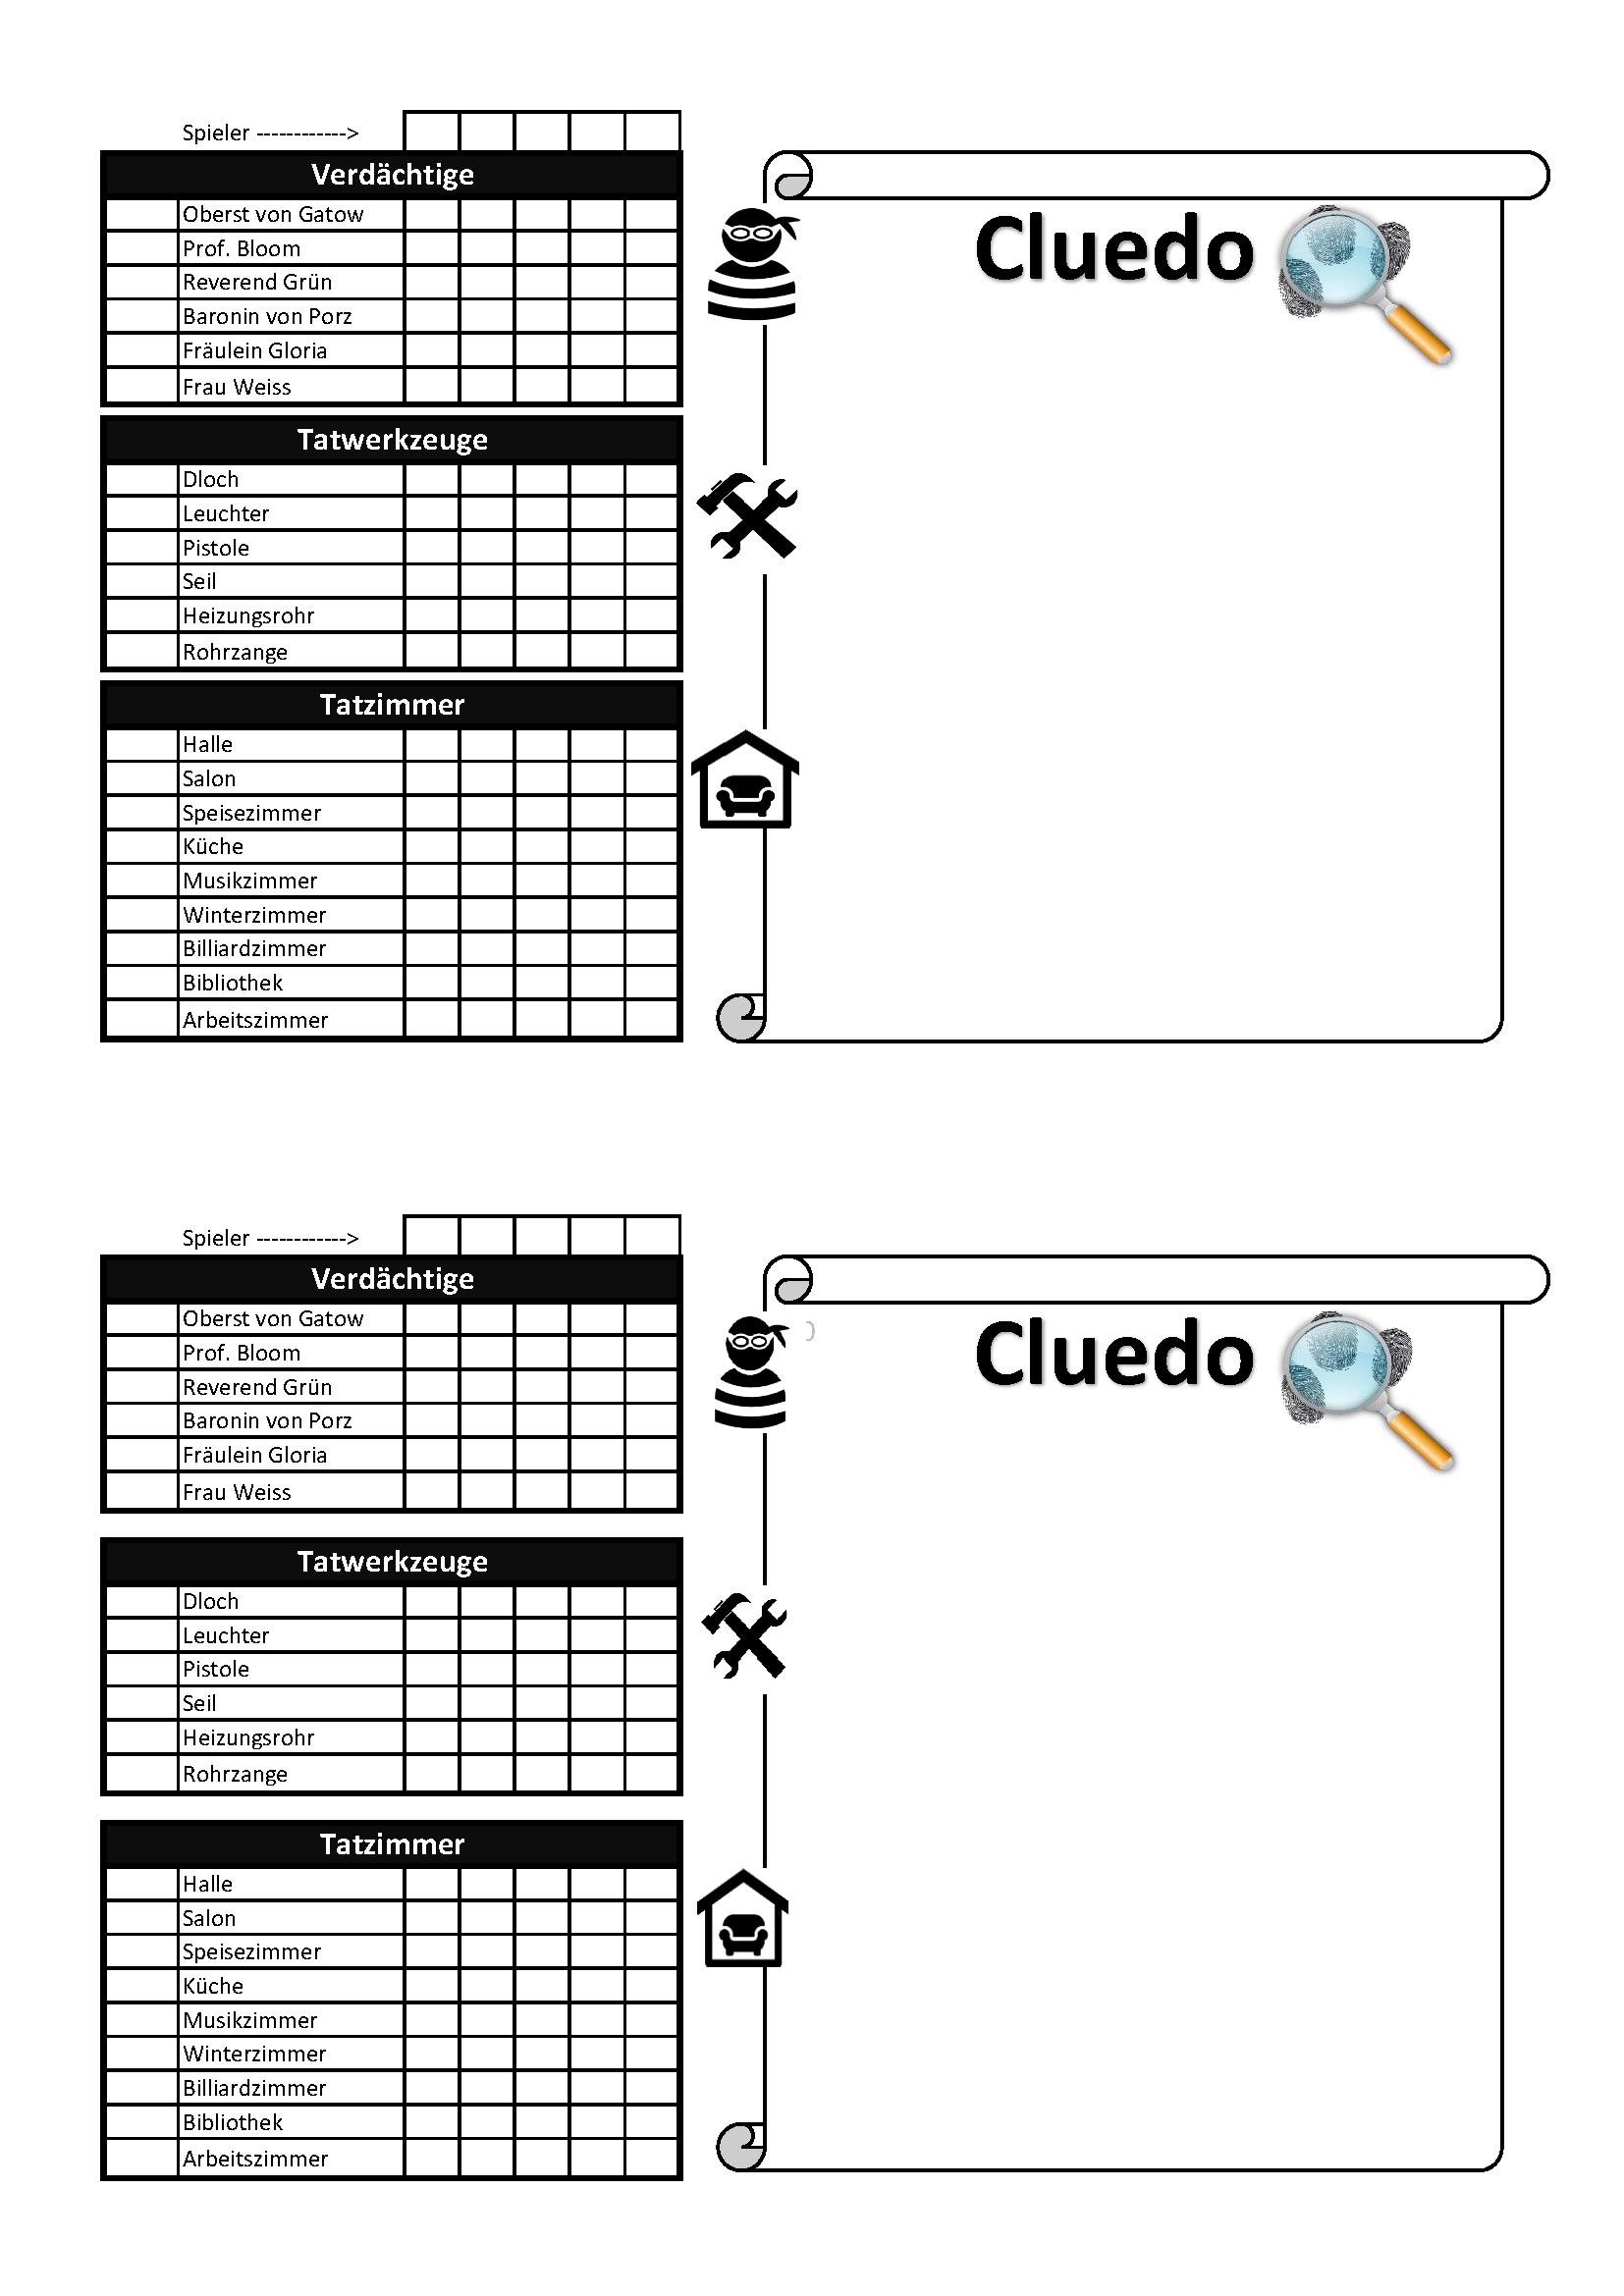 Cluedo Notizblock Zum Ausdrucken Notizblock Cluedo Spiel Ausdrucken